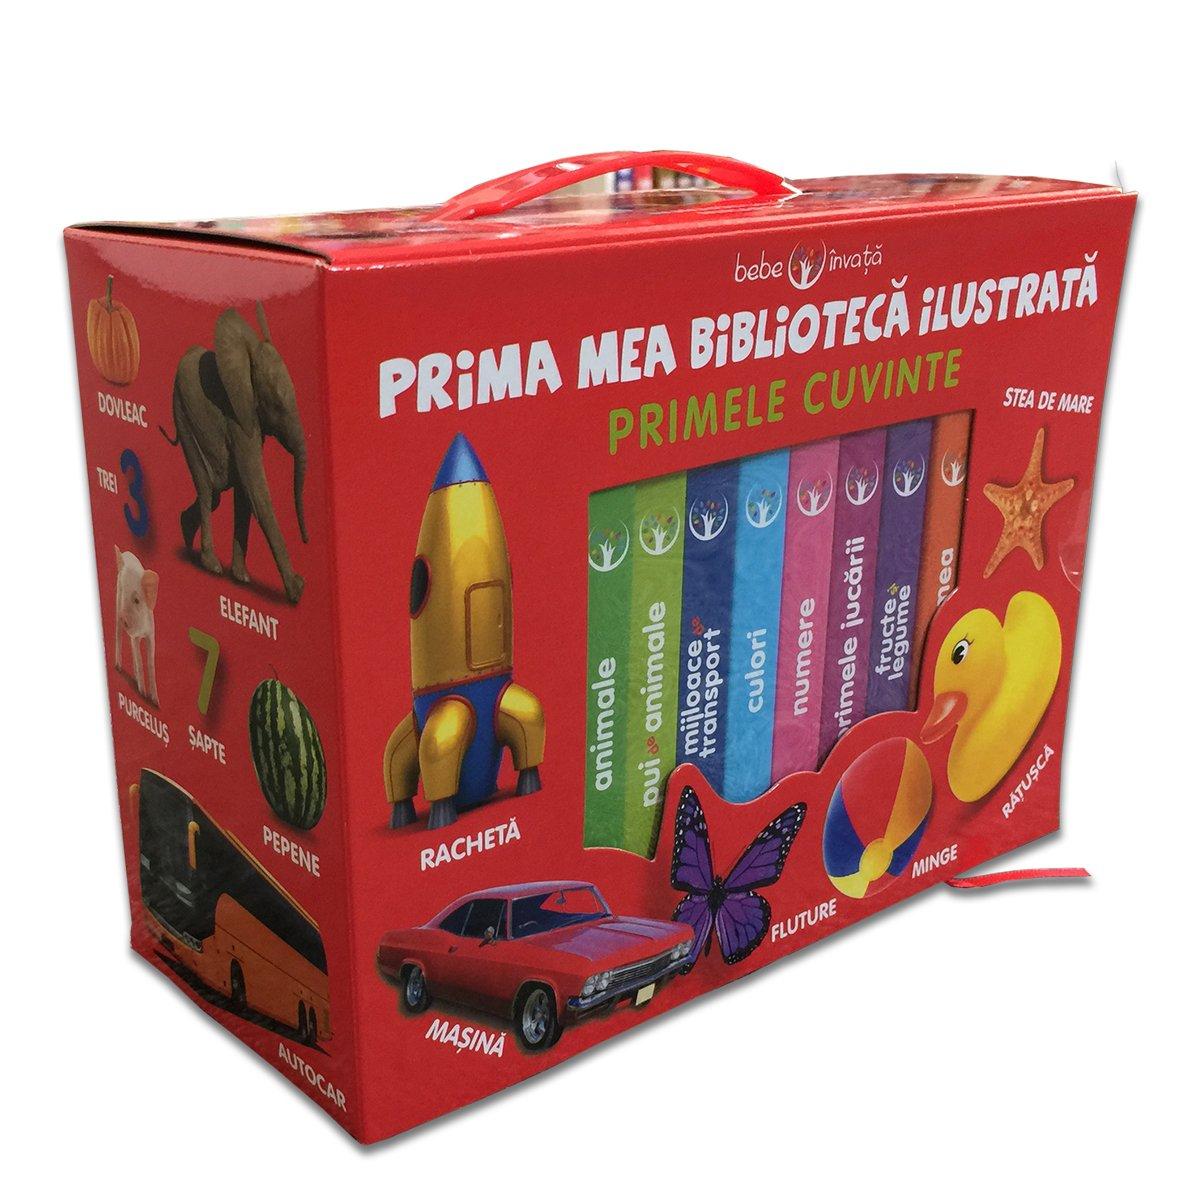 Set cutie cu 8 carticele bebe Editura Litera, Prima mea biblioteca ilustrata, Primele cuvinte